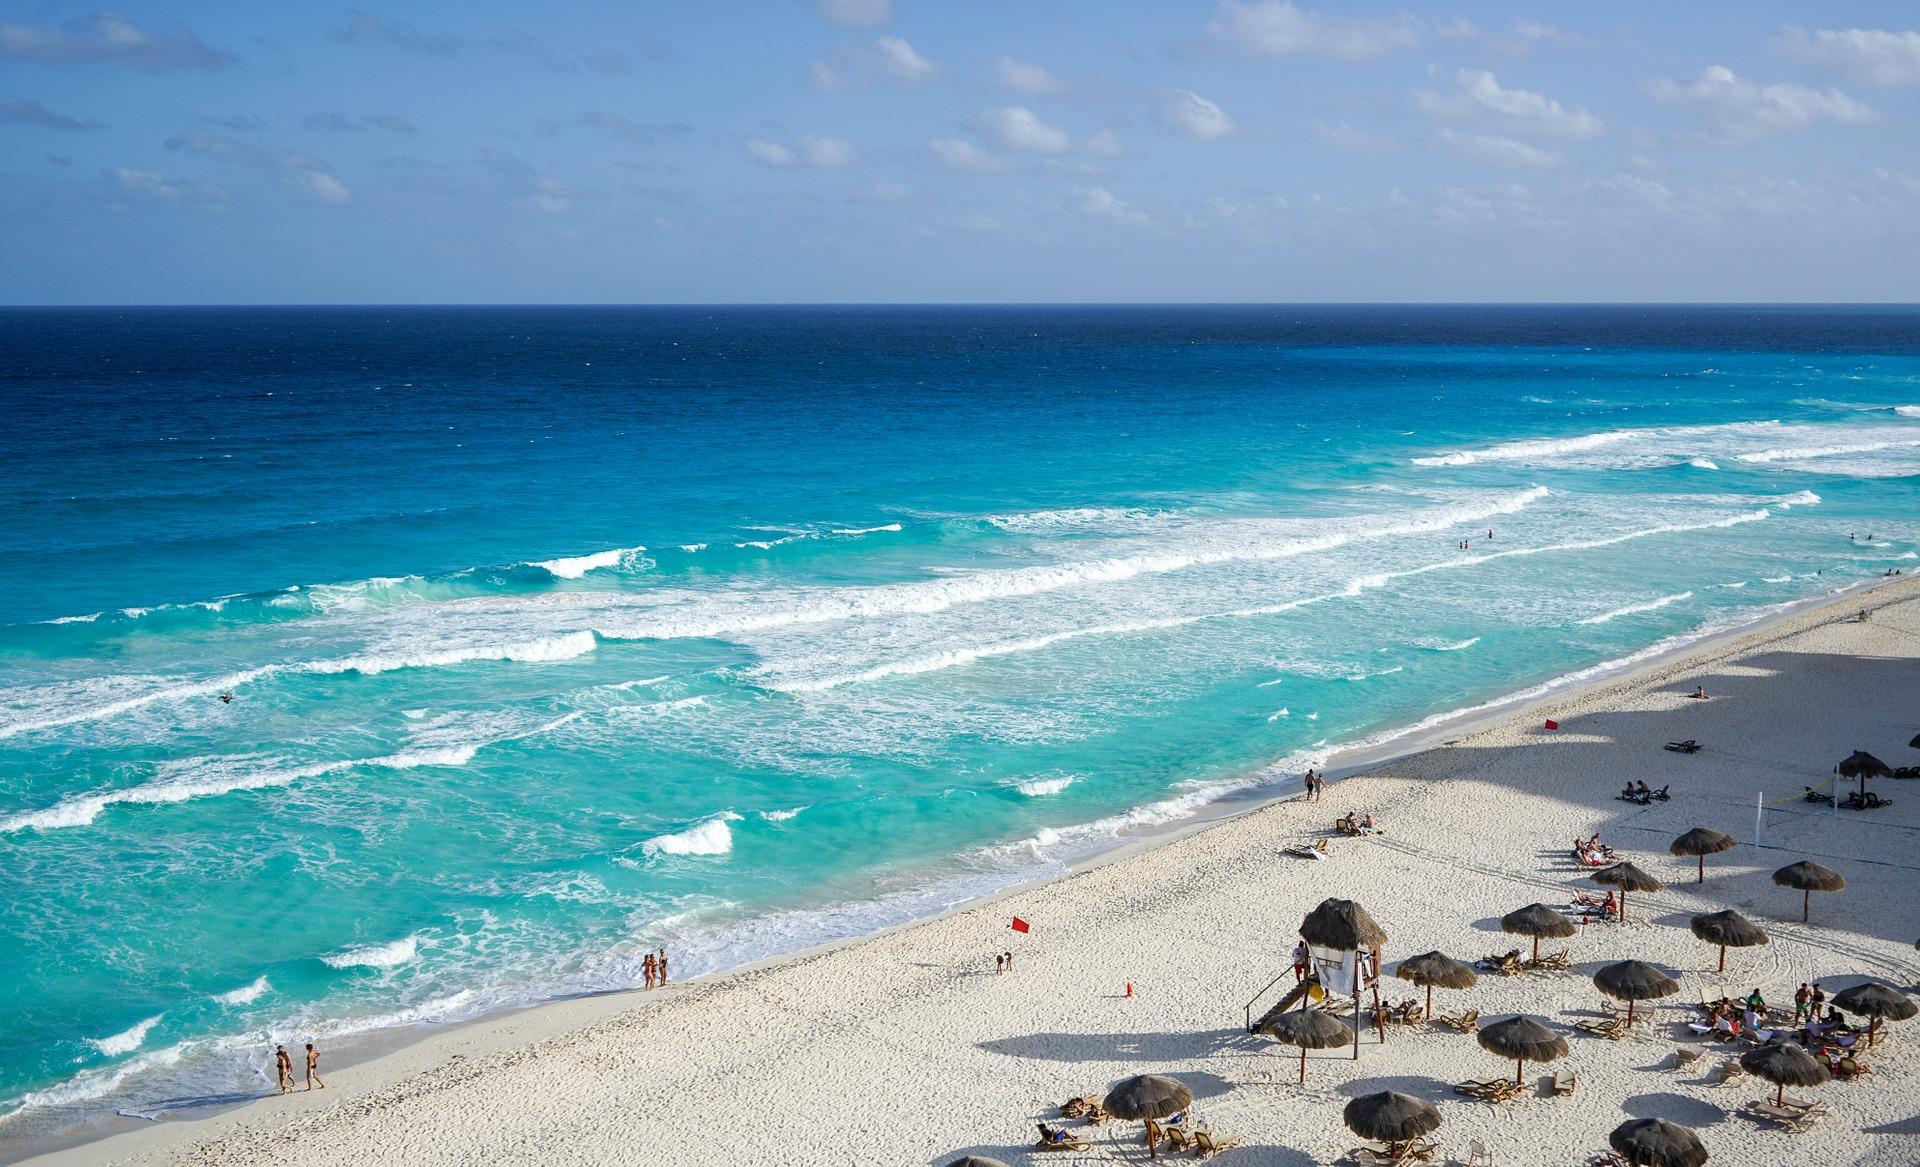 es seguro viajar a mexico, mexico seguridad, seguridad, viajes, que tan seguro es cancun,s eguridad en cancun